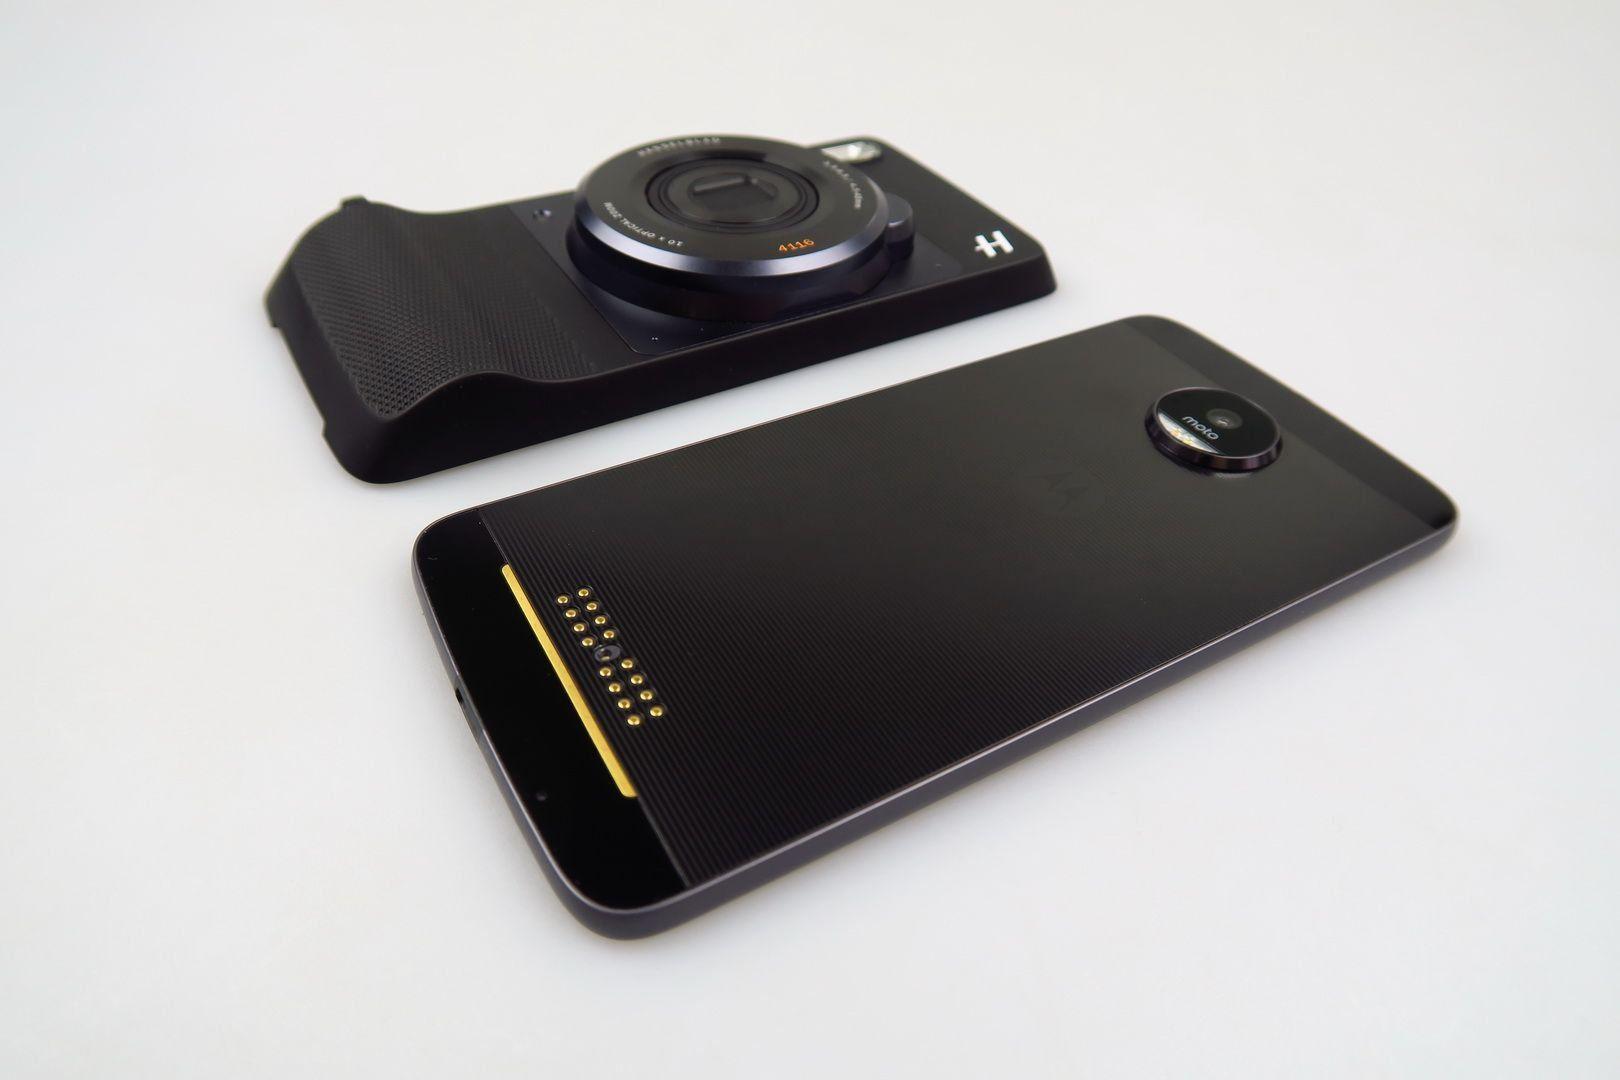 данном случае смартфоны моторола с фотоаппаратом допустим, перекресток сложный